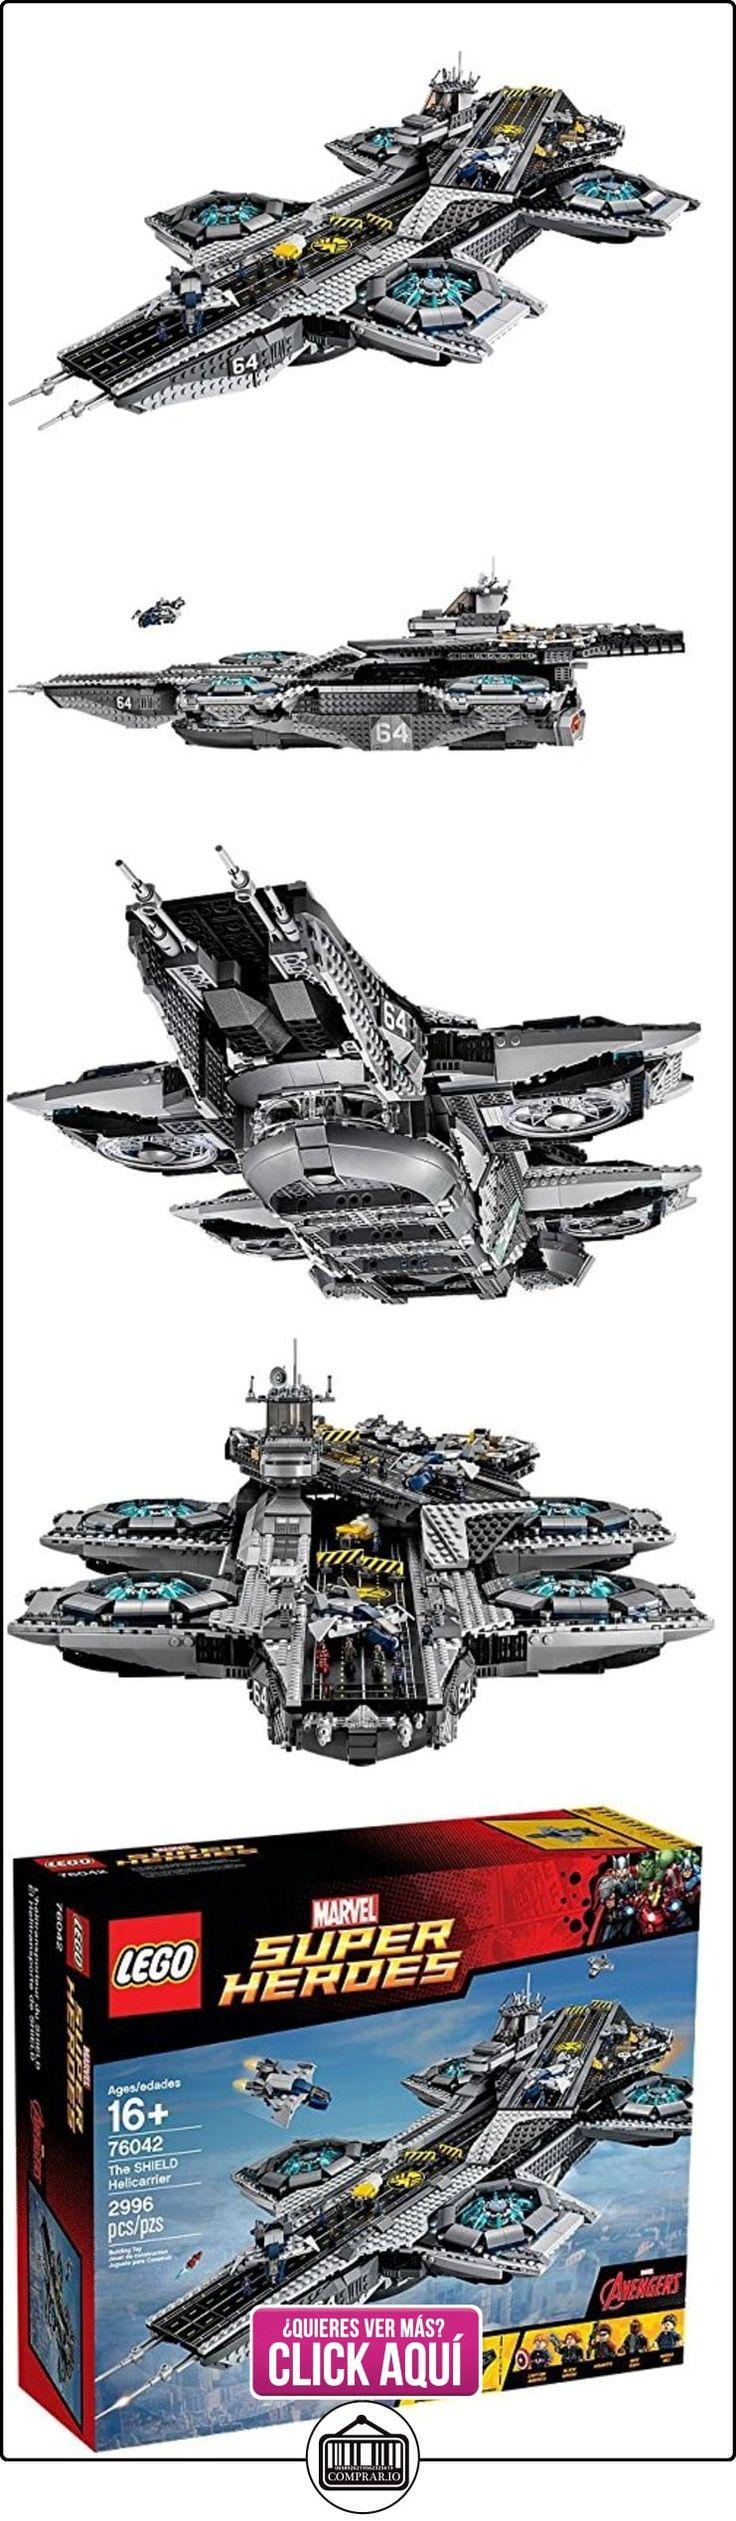 LEGO Marvel Super Heroes El Helitransporte de SHIELD - juegos de construcción (16 año(s), 2996 pieza(s), Cómics, Niño/niña, Multicolor)  ✿ Lego - el surtido más amplio ✿ ▬► Ver oferta: https://comprar.io/goto/B013CS6IN4